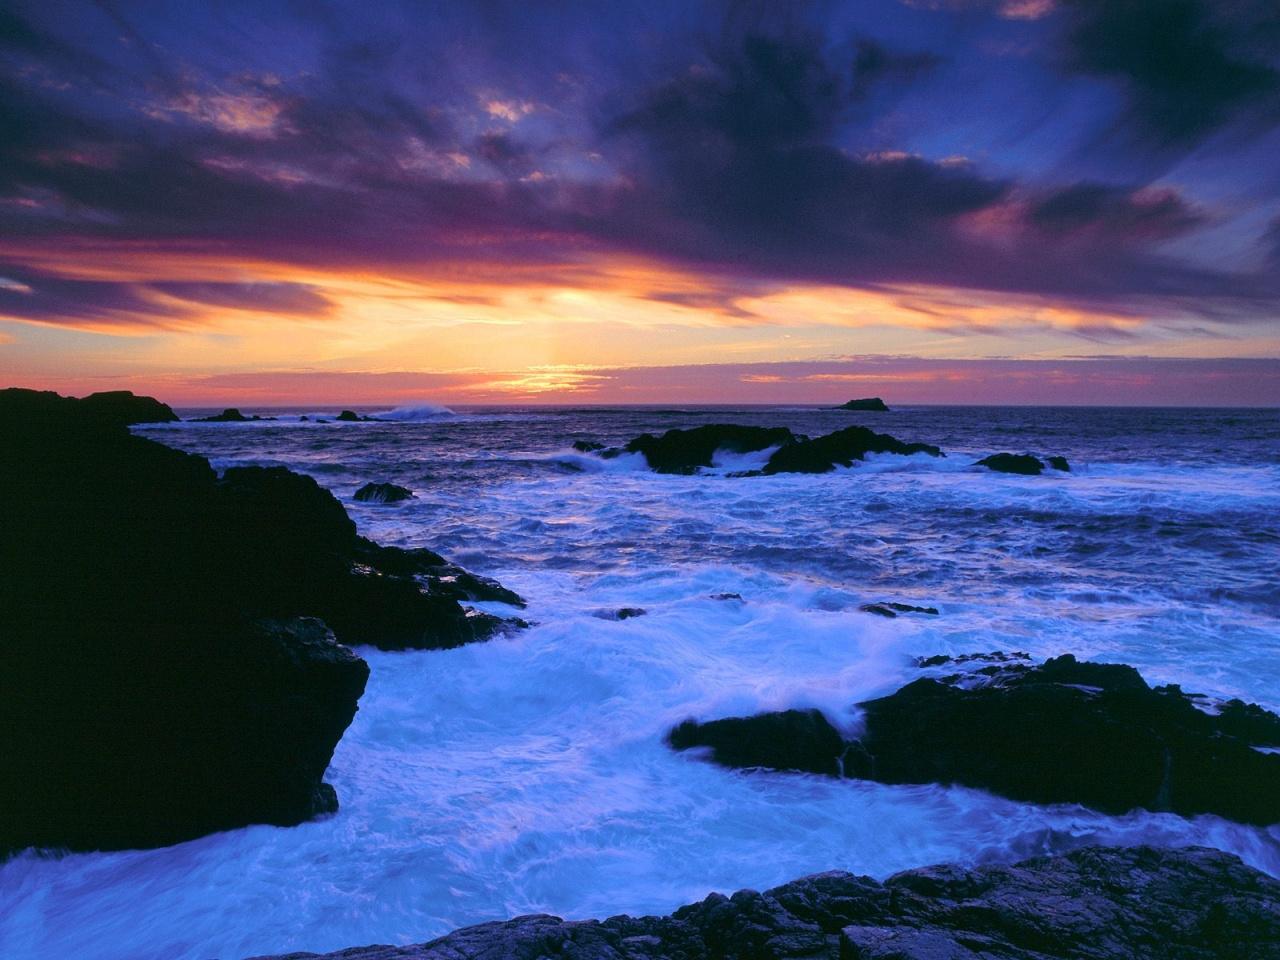 http://2.bp.blogspot.com/_uTGKd6u5pJ4/TSJ_zrvmaqI/AAAAAAAAASo/U6dyqlv-9sE/s1600/Carmel-coast-california-Nature-Wallpaper-1280x960.jpg